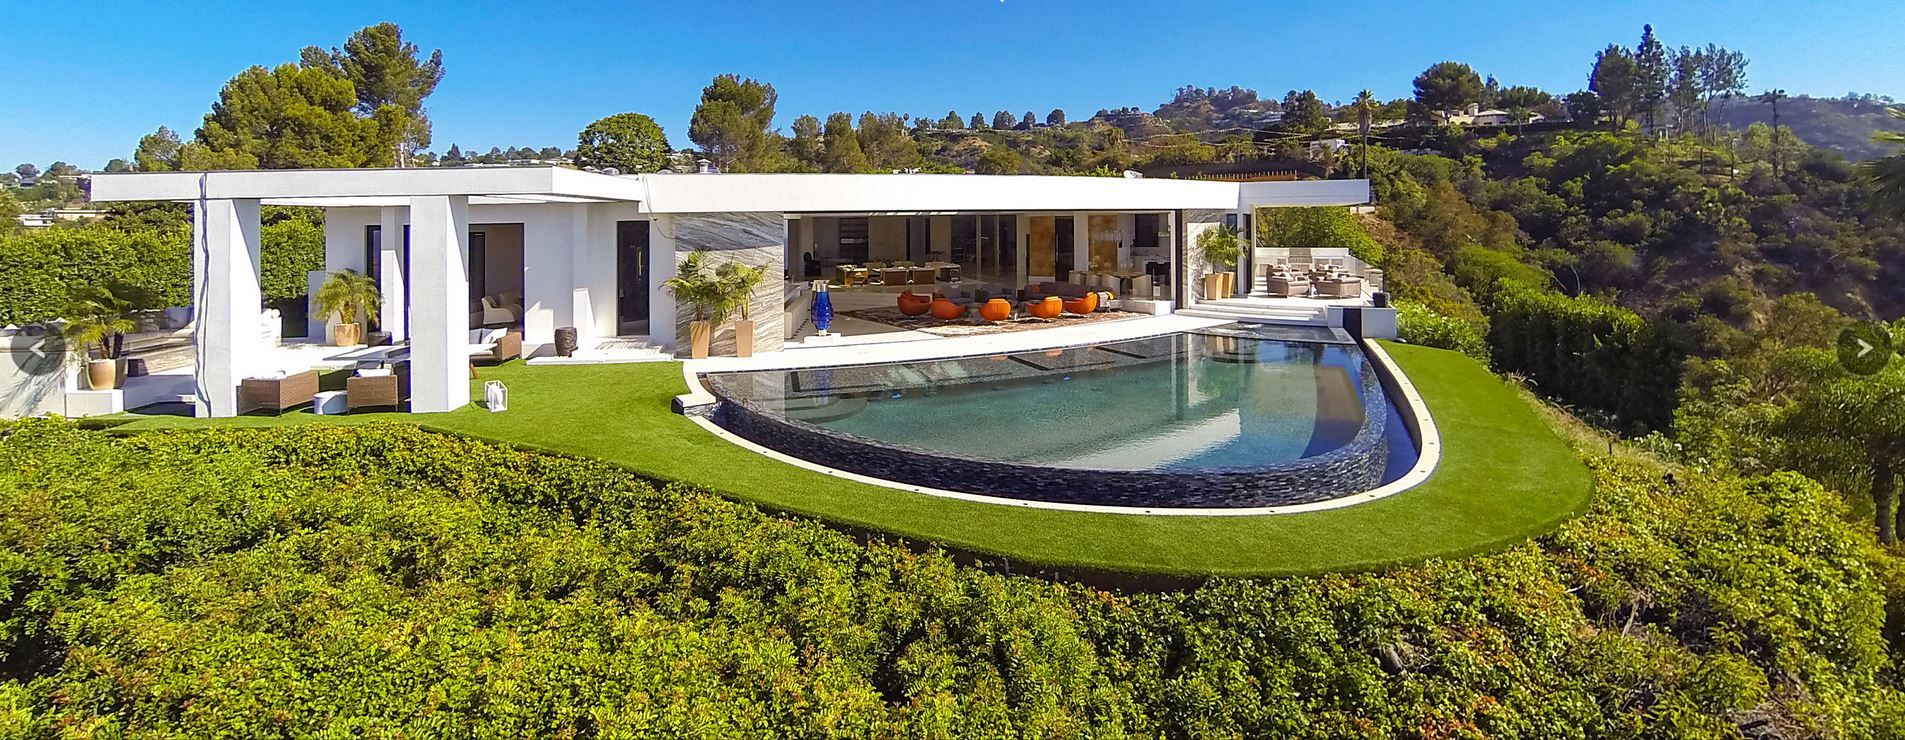 minecraft creator beverly hills mansion 2